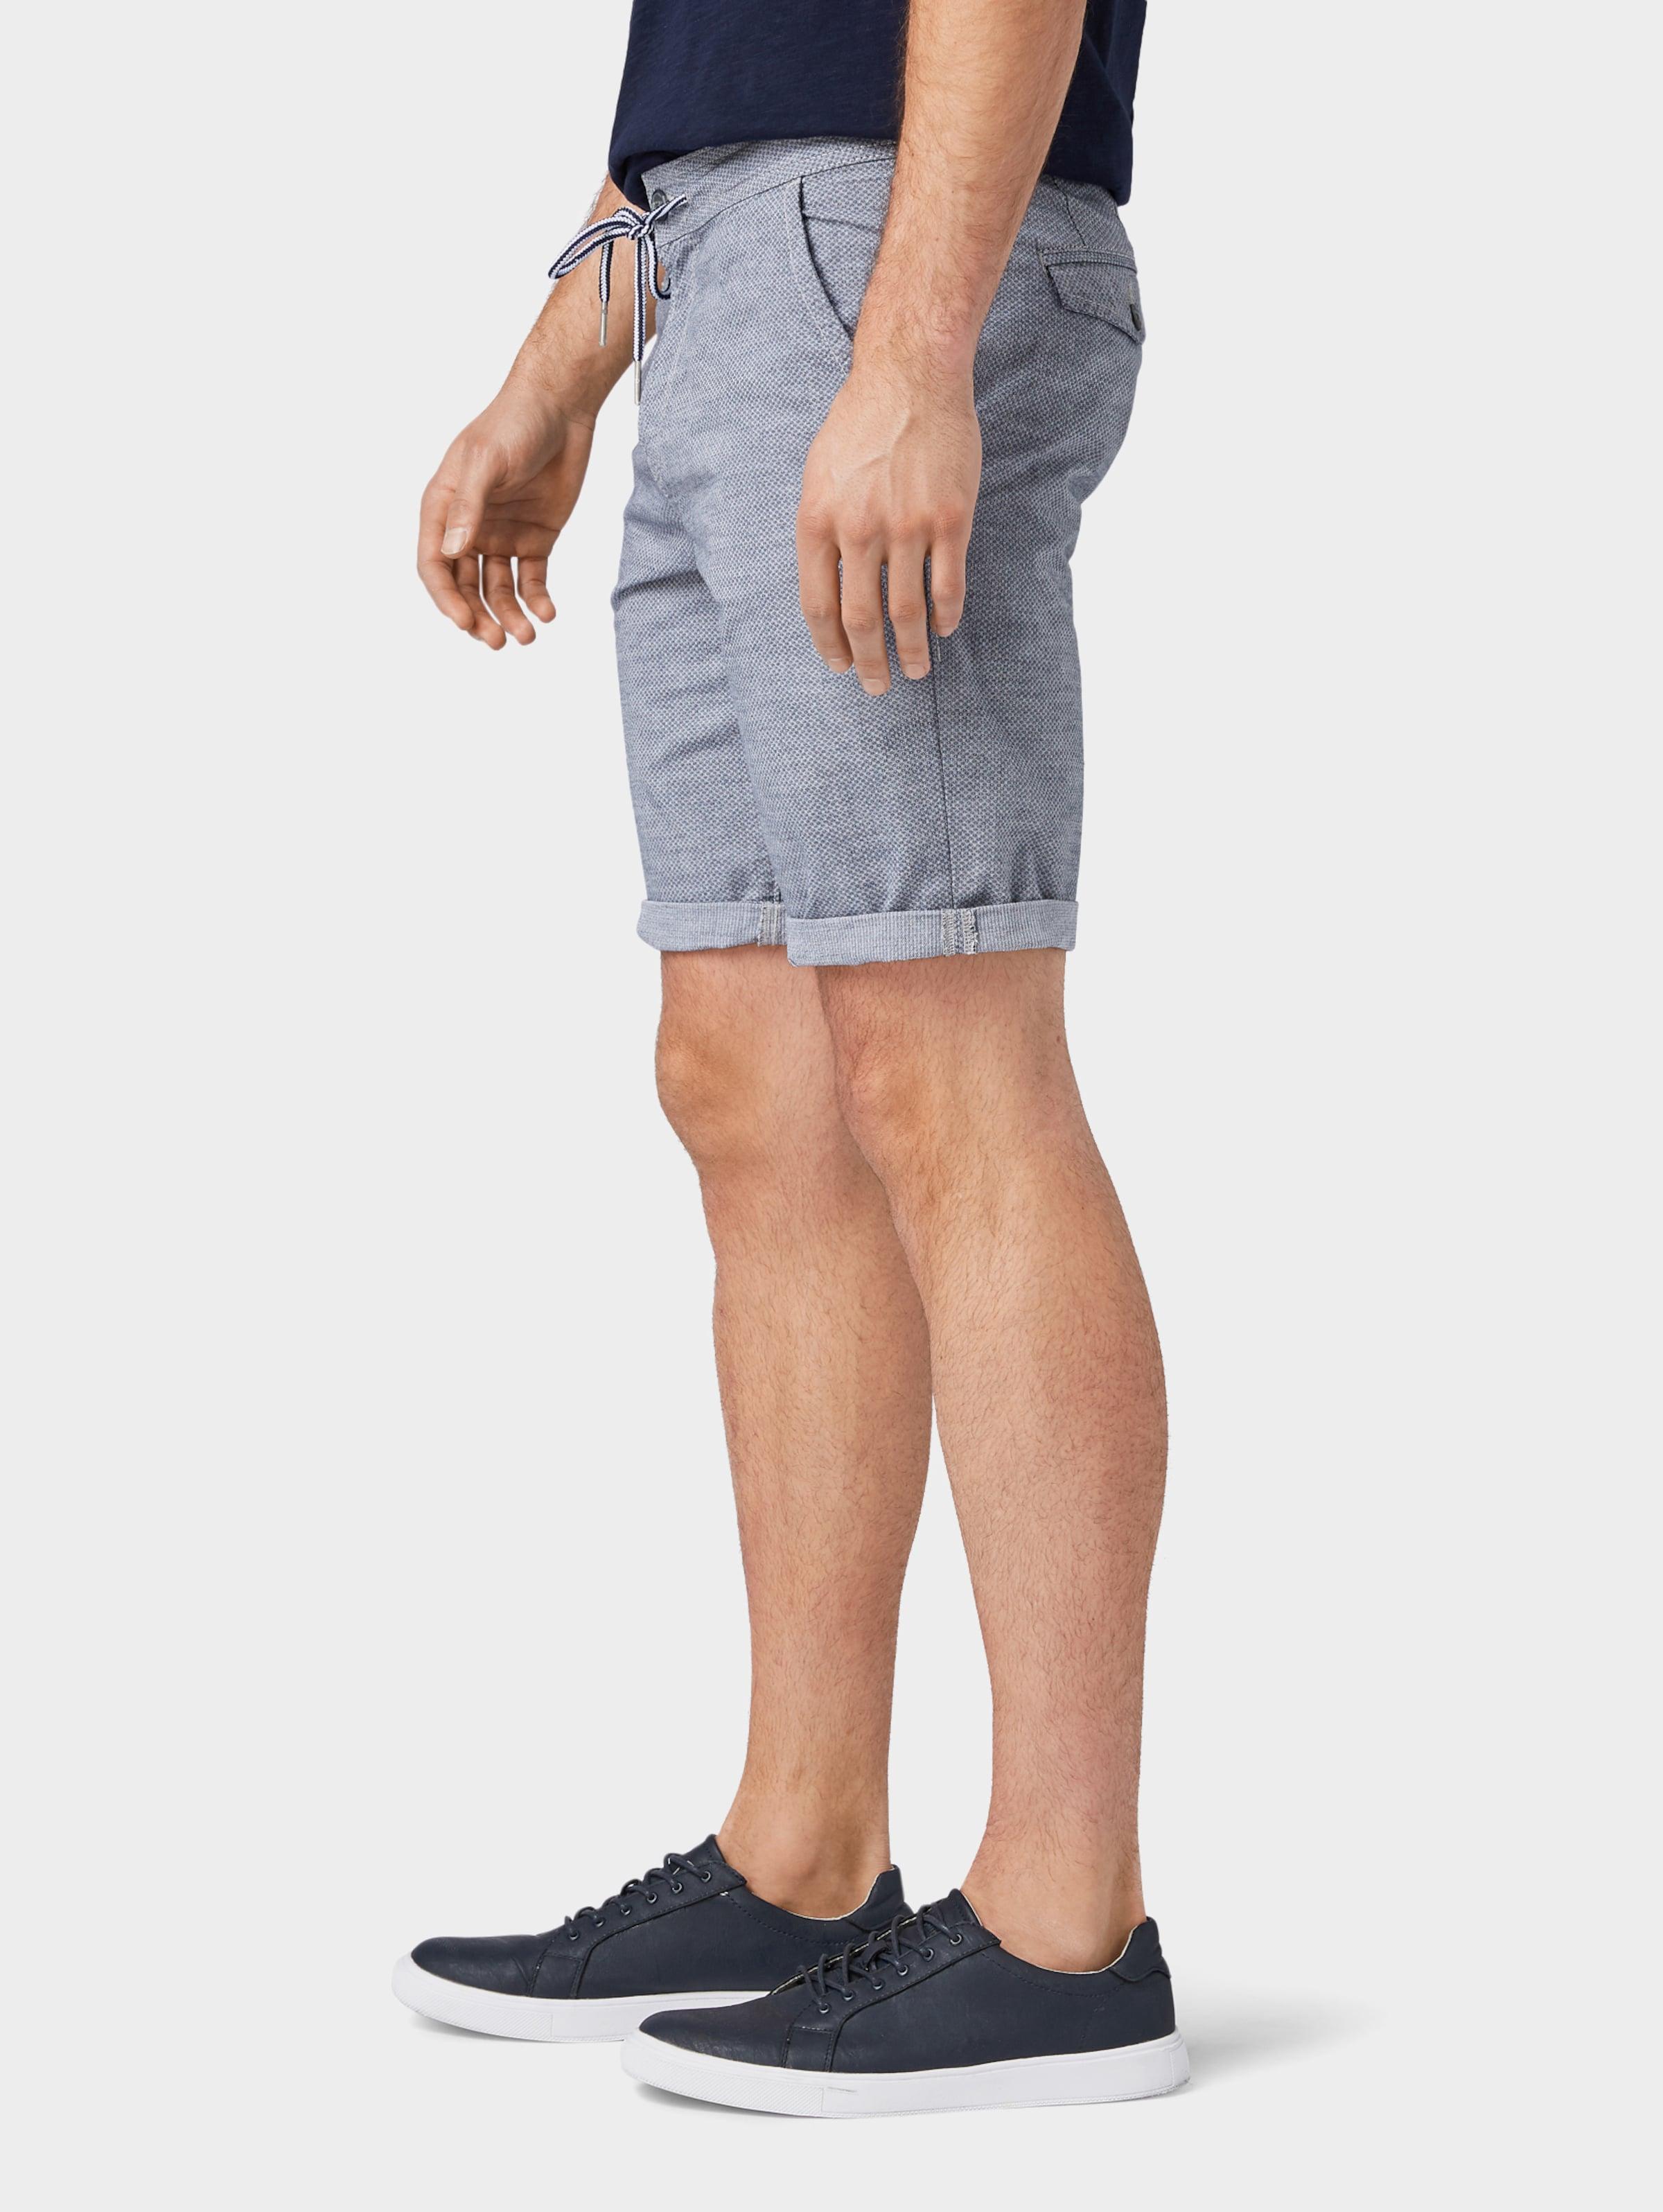 Tom In Weiß TaubenblauSchwarz Shorts Denim Tailor oshQdtrCBx